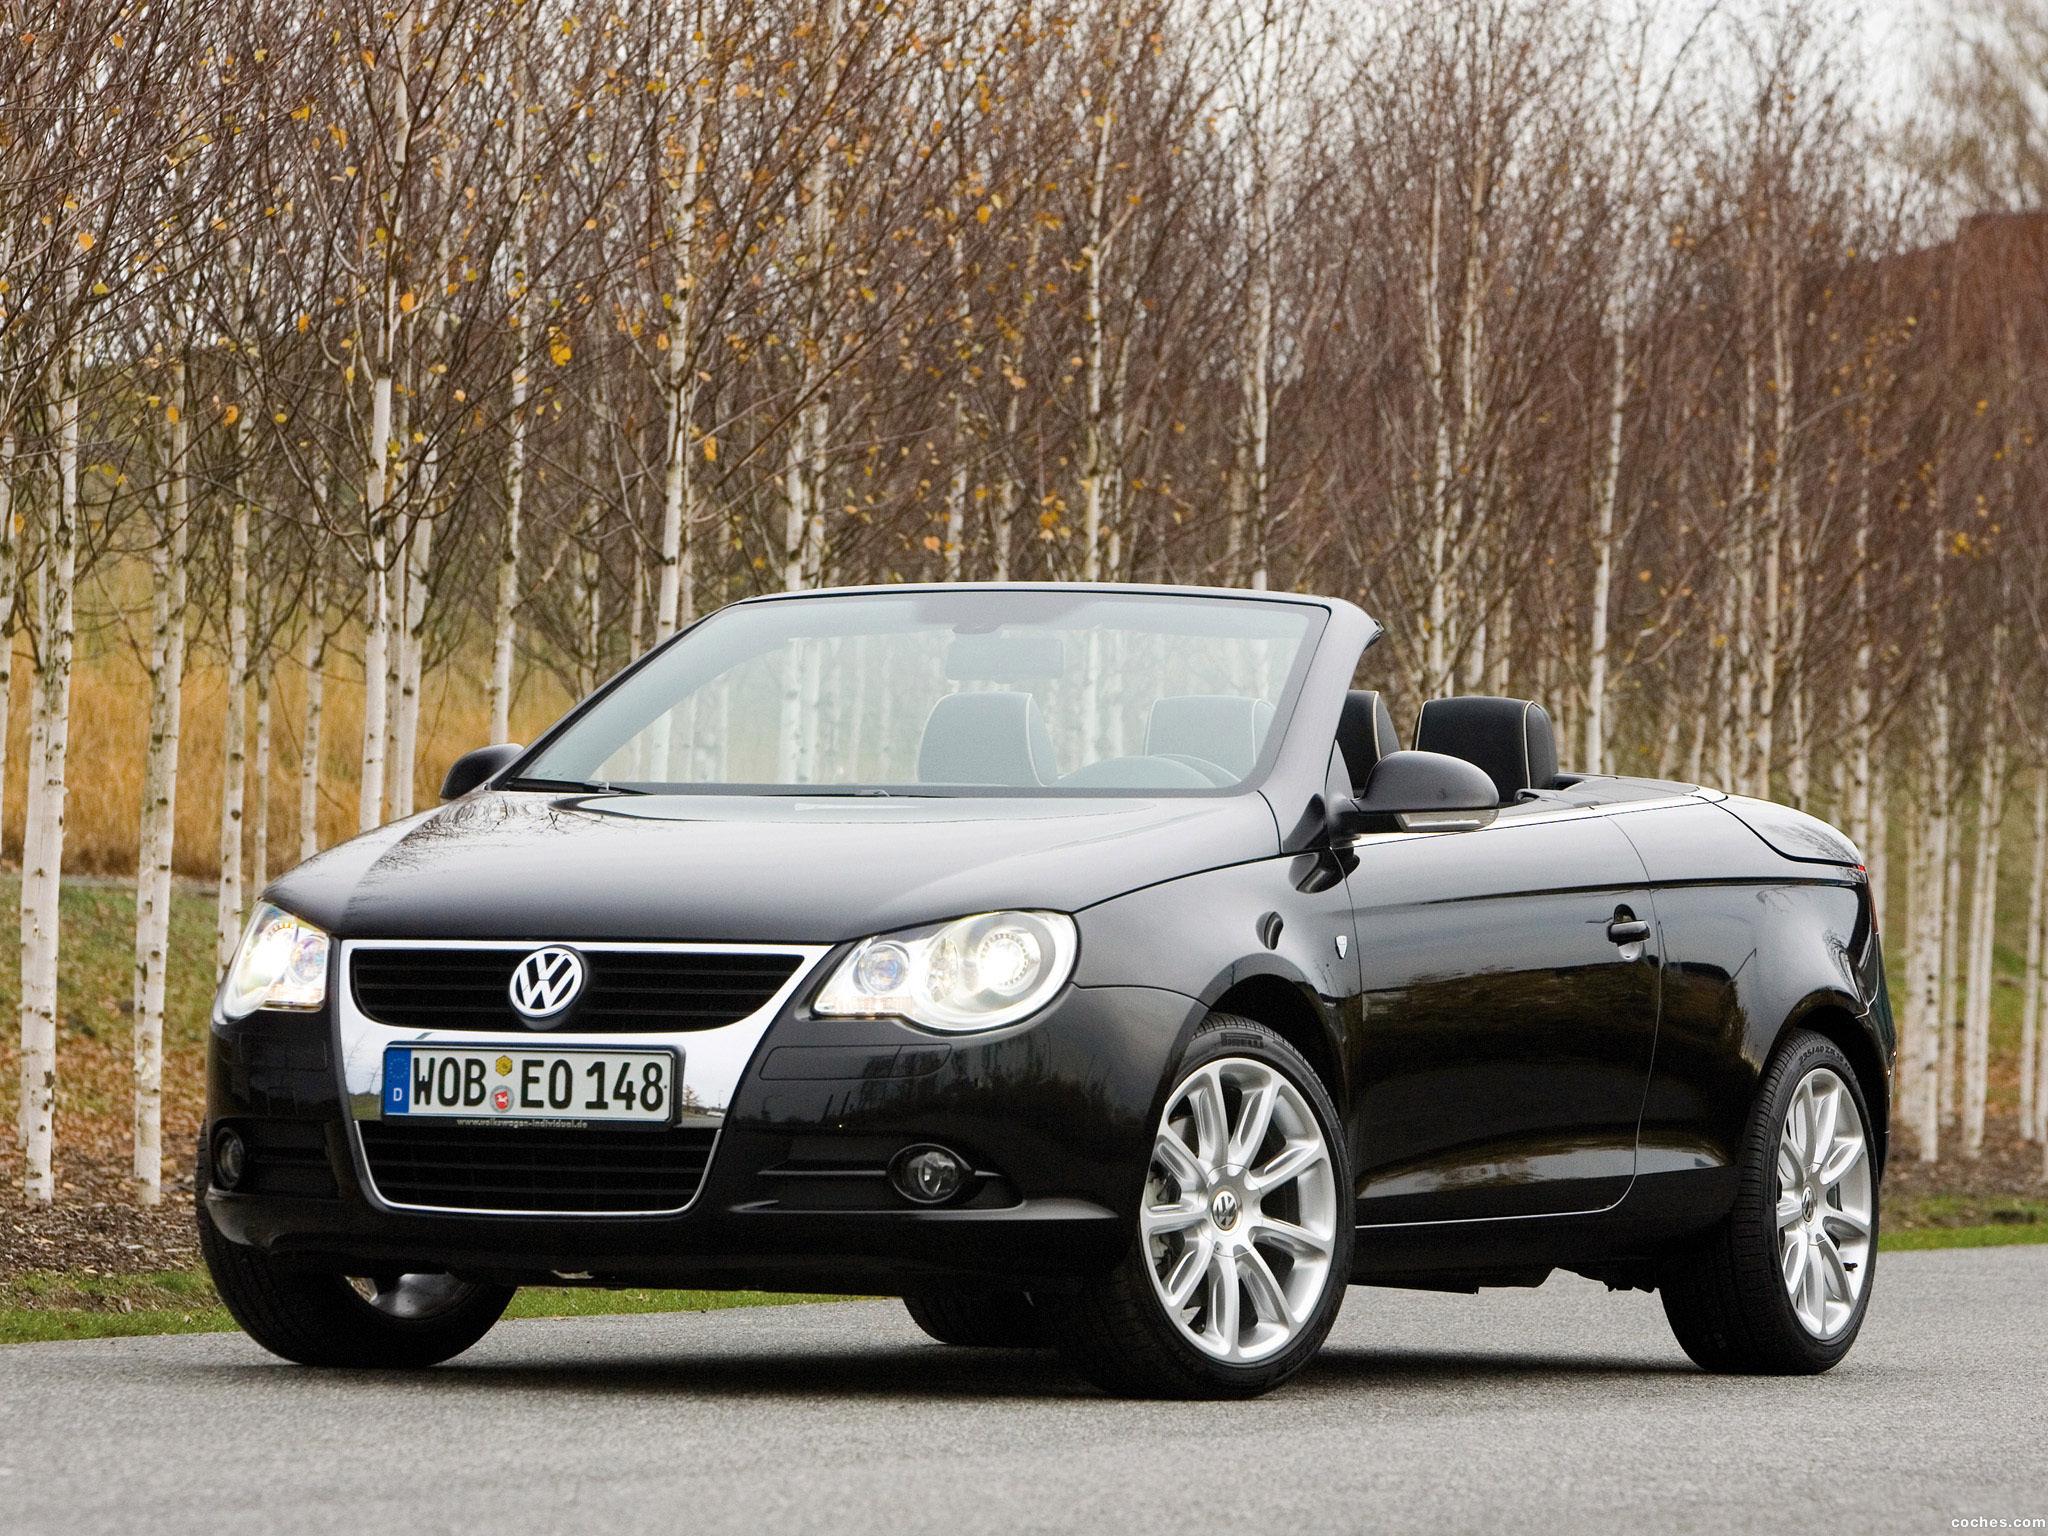 Foto 0 de Volkswagen Eos individual 2007